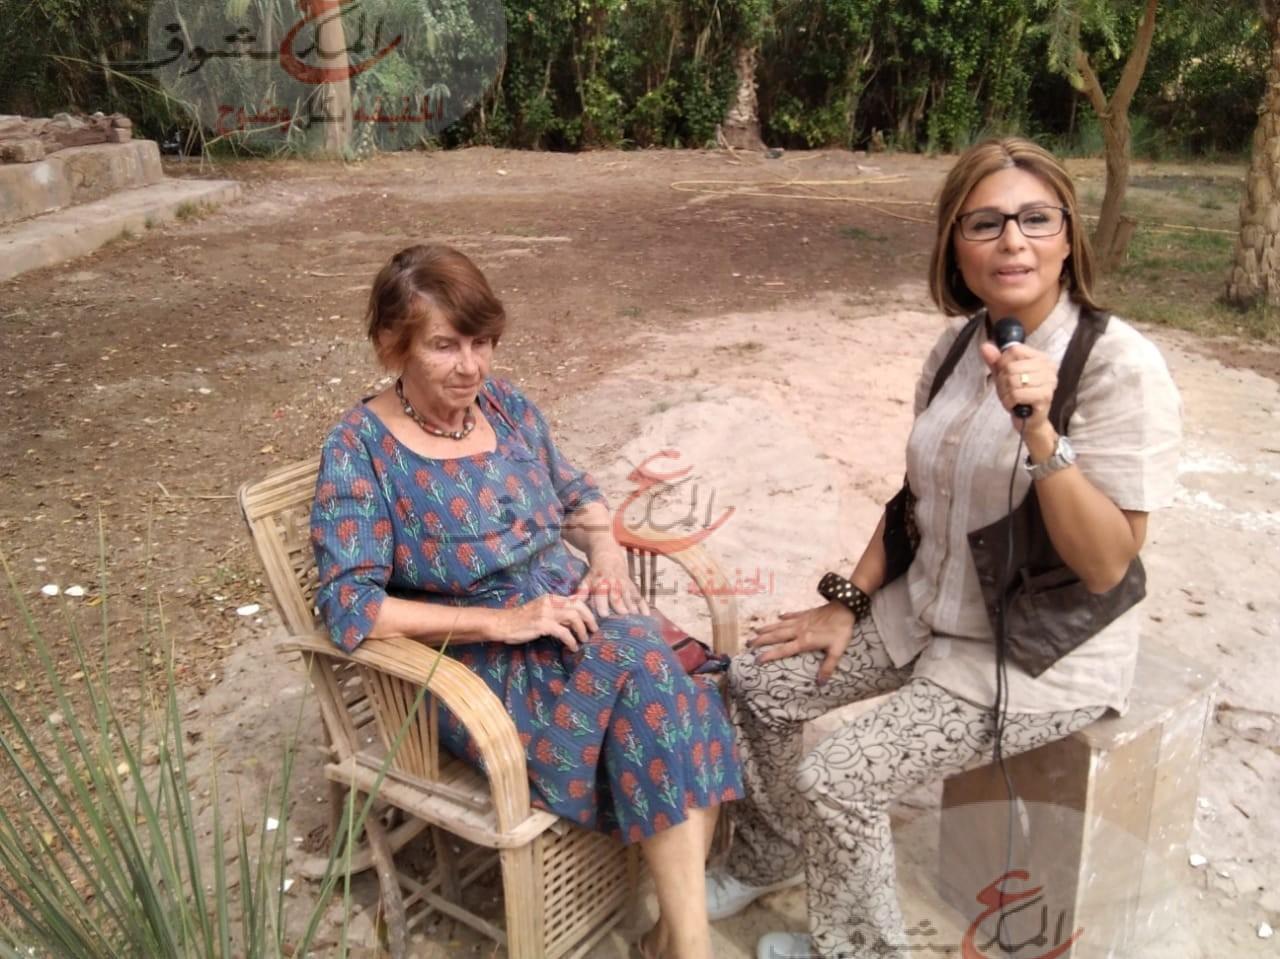 الإعلامية ريم الشافعي تقدم برنامج مصر قريبة على الفضائية المصرية